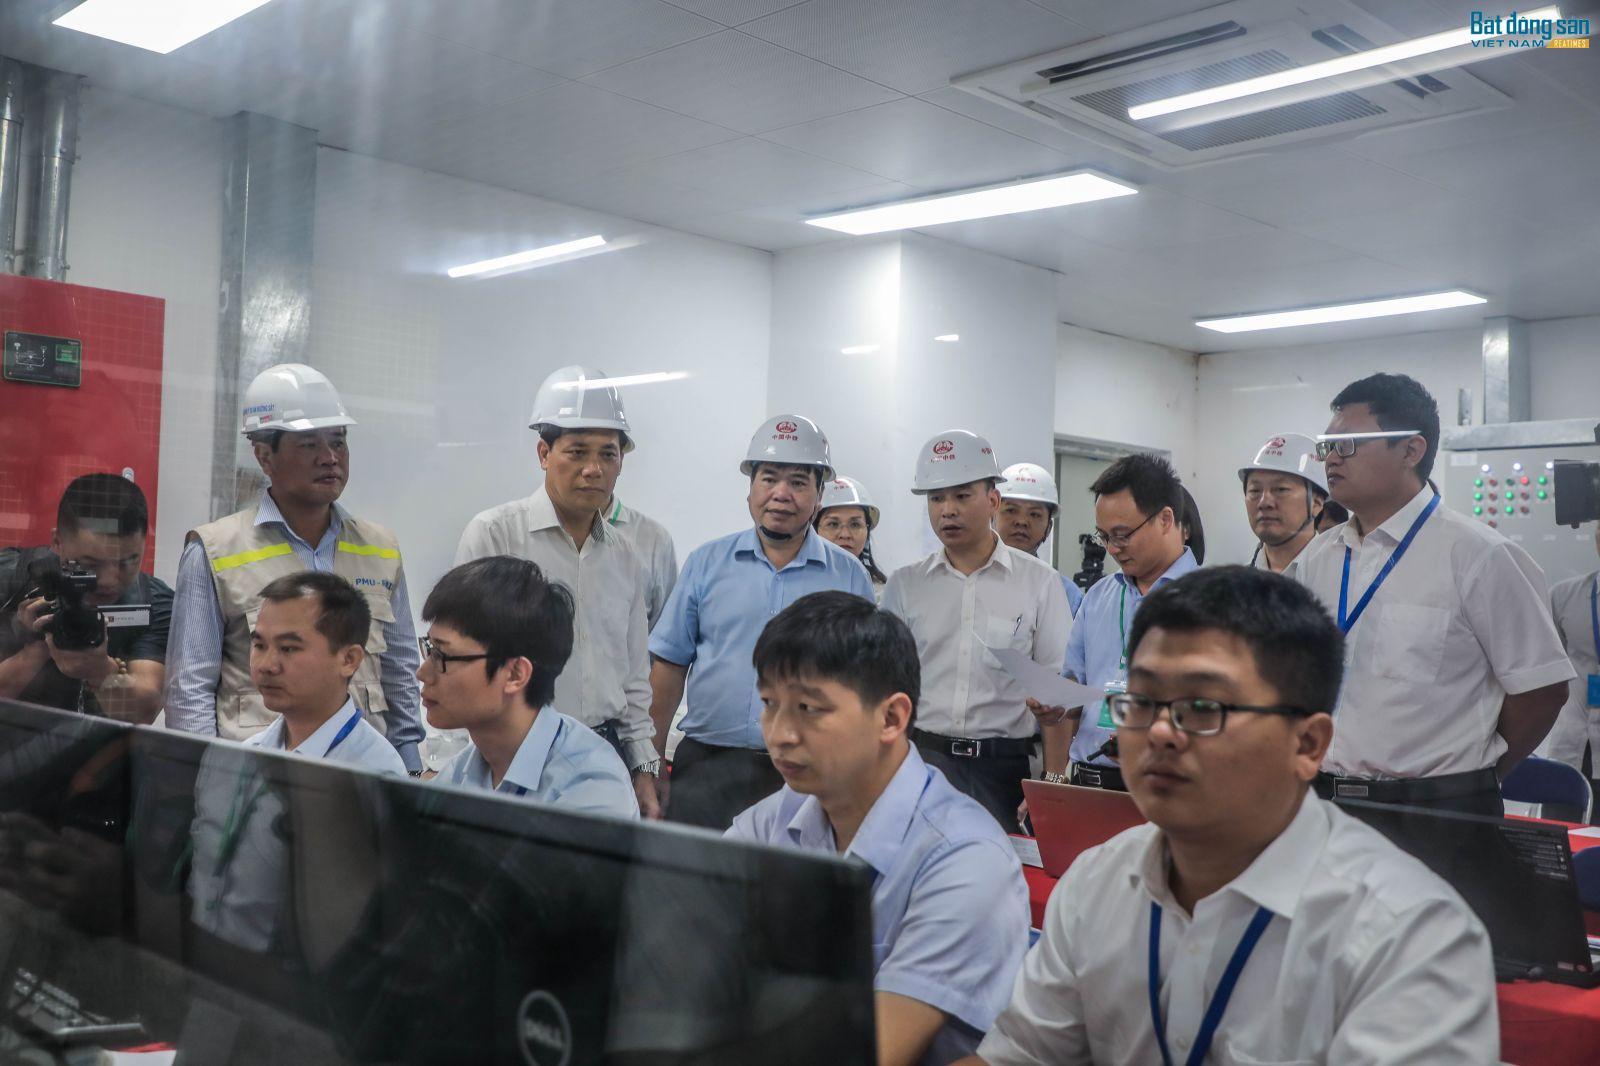 Đội ngũ những người vận hành dề cao viêc đủ điều kiện để đưa vào vận hành thương mại trước tết âm lịch 2019 là mục tiêu của dự án.